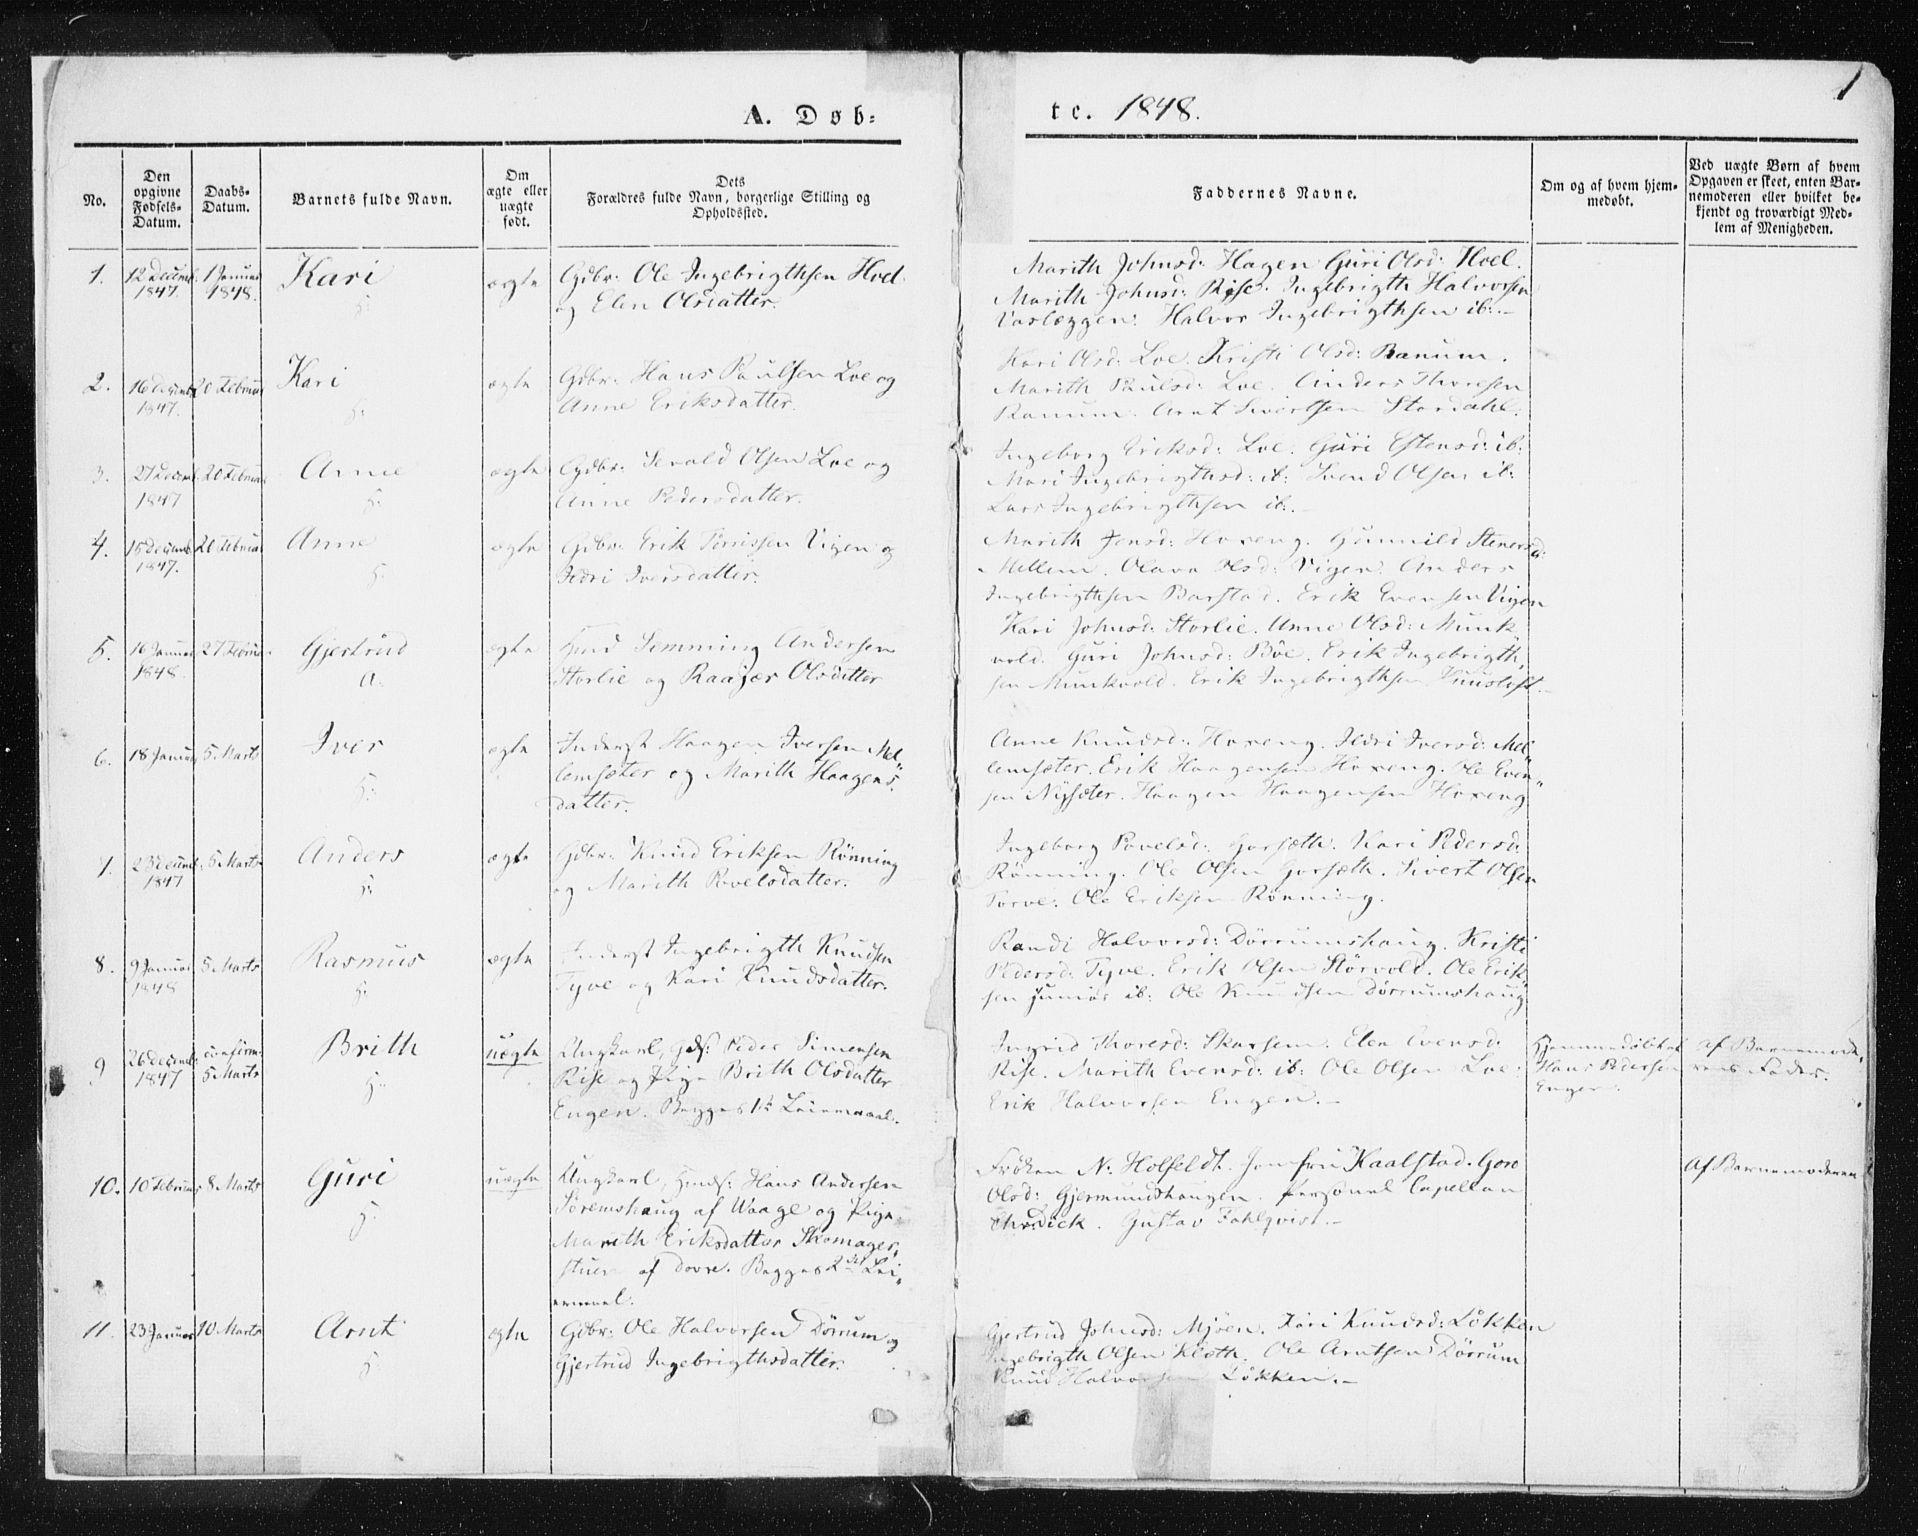 SAT, Ministerialprotokoller, klokkerbøker og fødselsregistre - Sør-Trøndelag, 678/L0899: Ministerialbok nr. 678A08, 1848-1872, s. 1